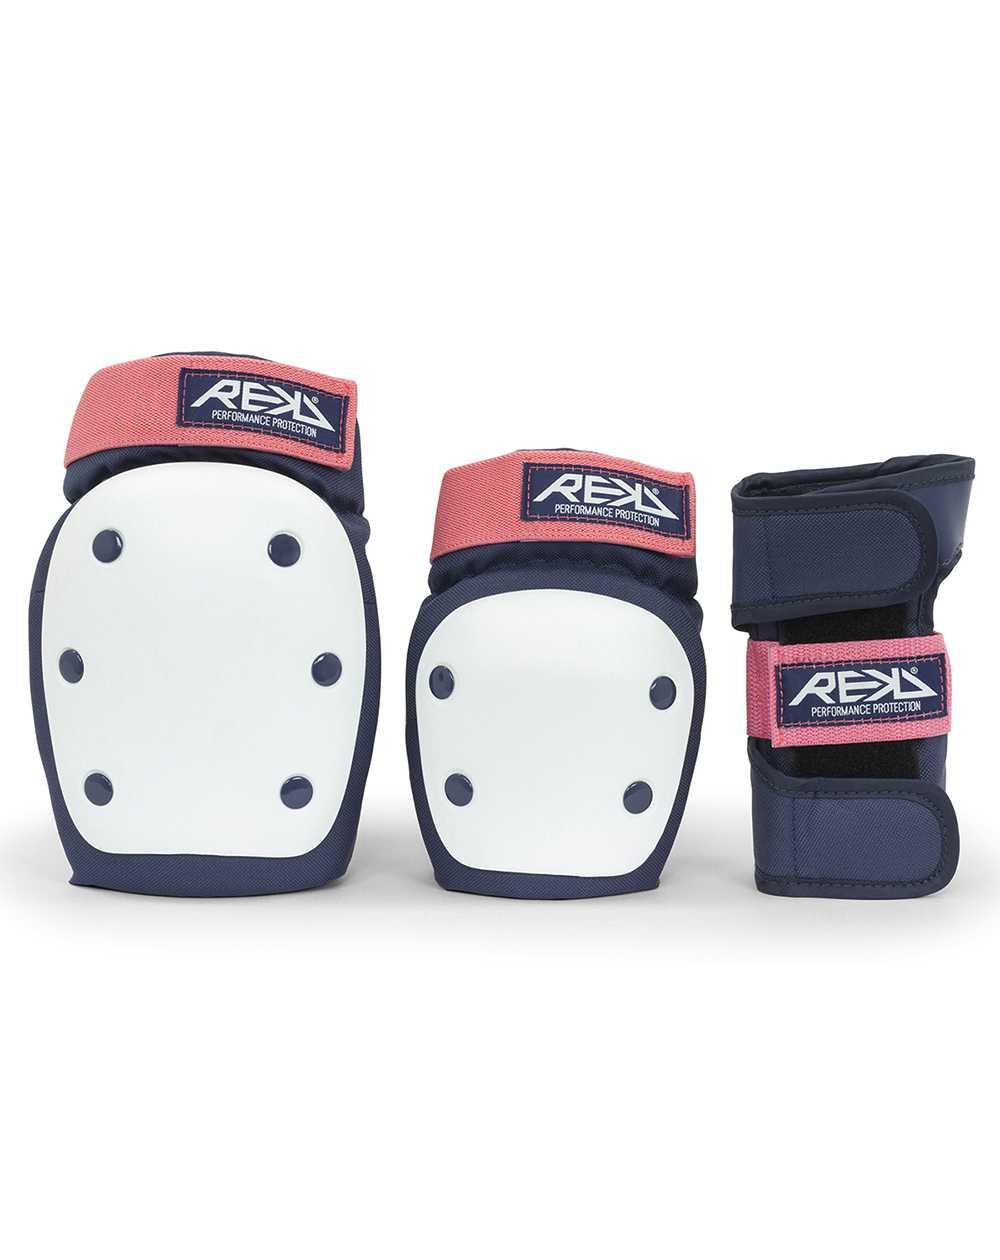 Rekd Protection Heavy Duty Skateboard Pad Set Blue/Pink